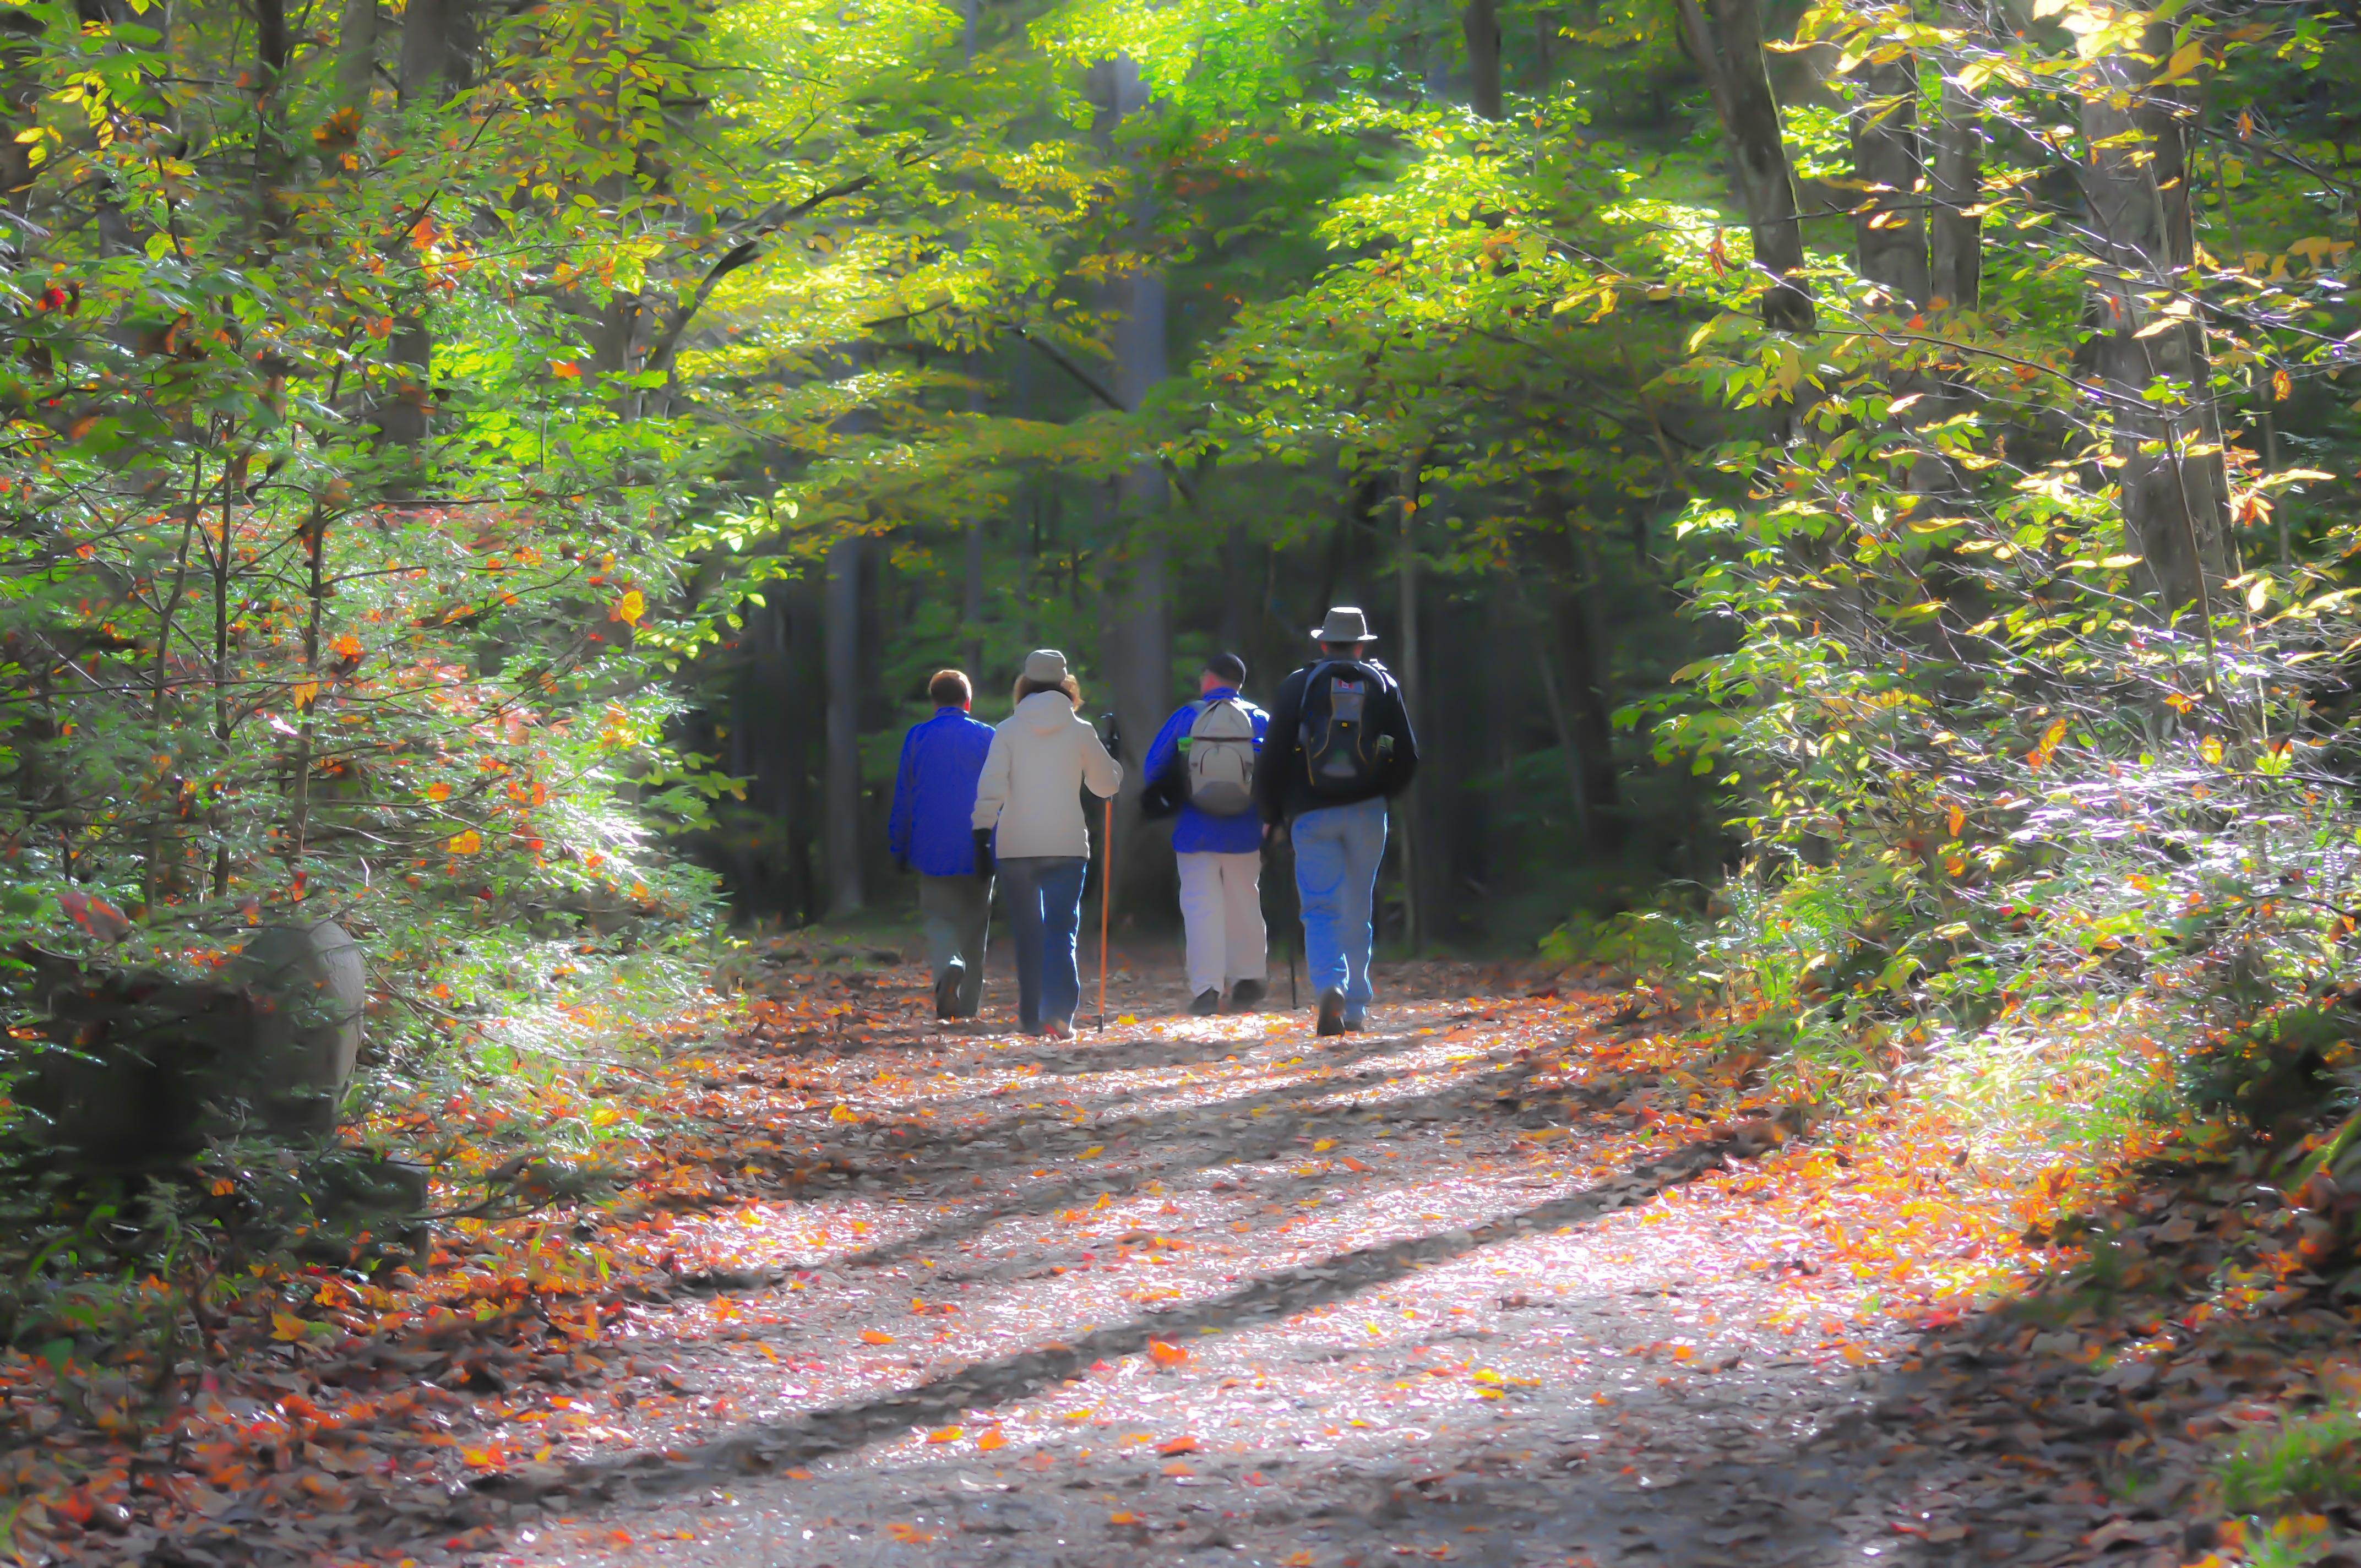 People hiking